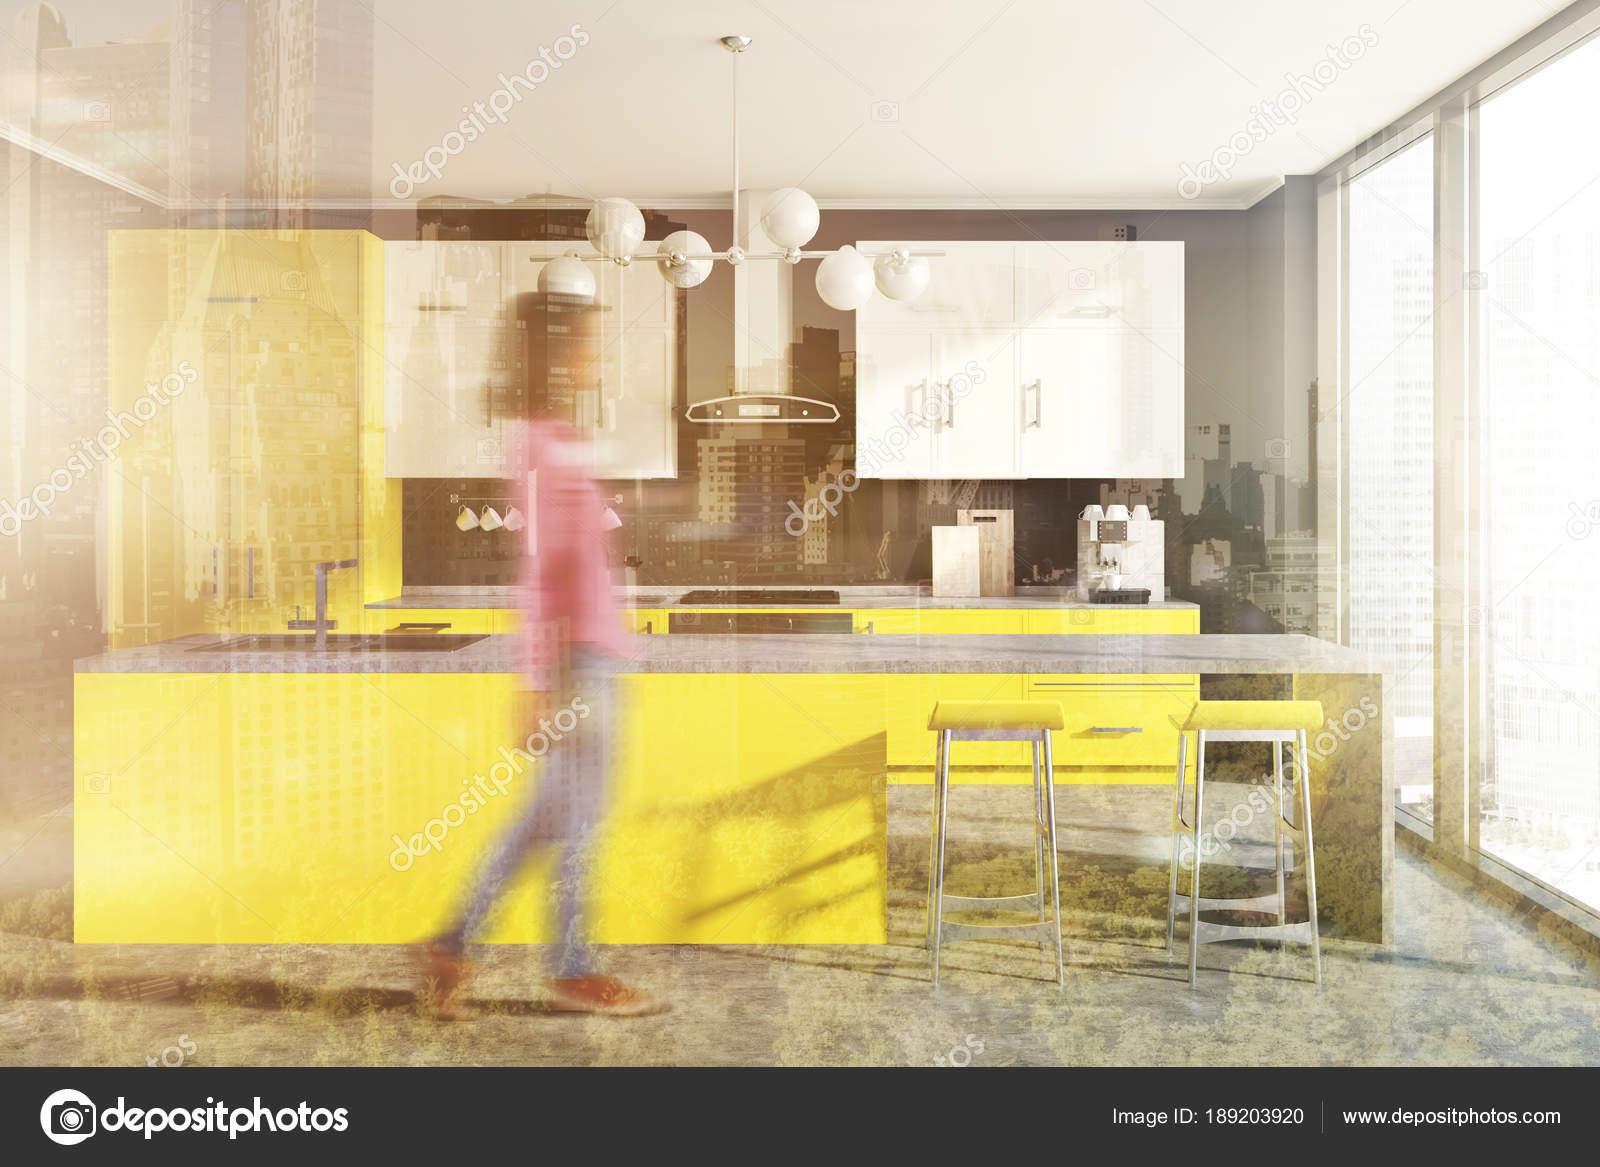 Banconi da cucina, giallo grigio muro tonica — Foto Stock ...